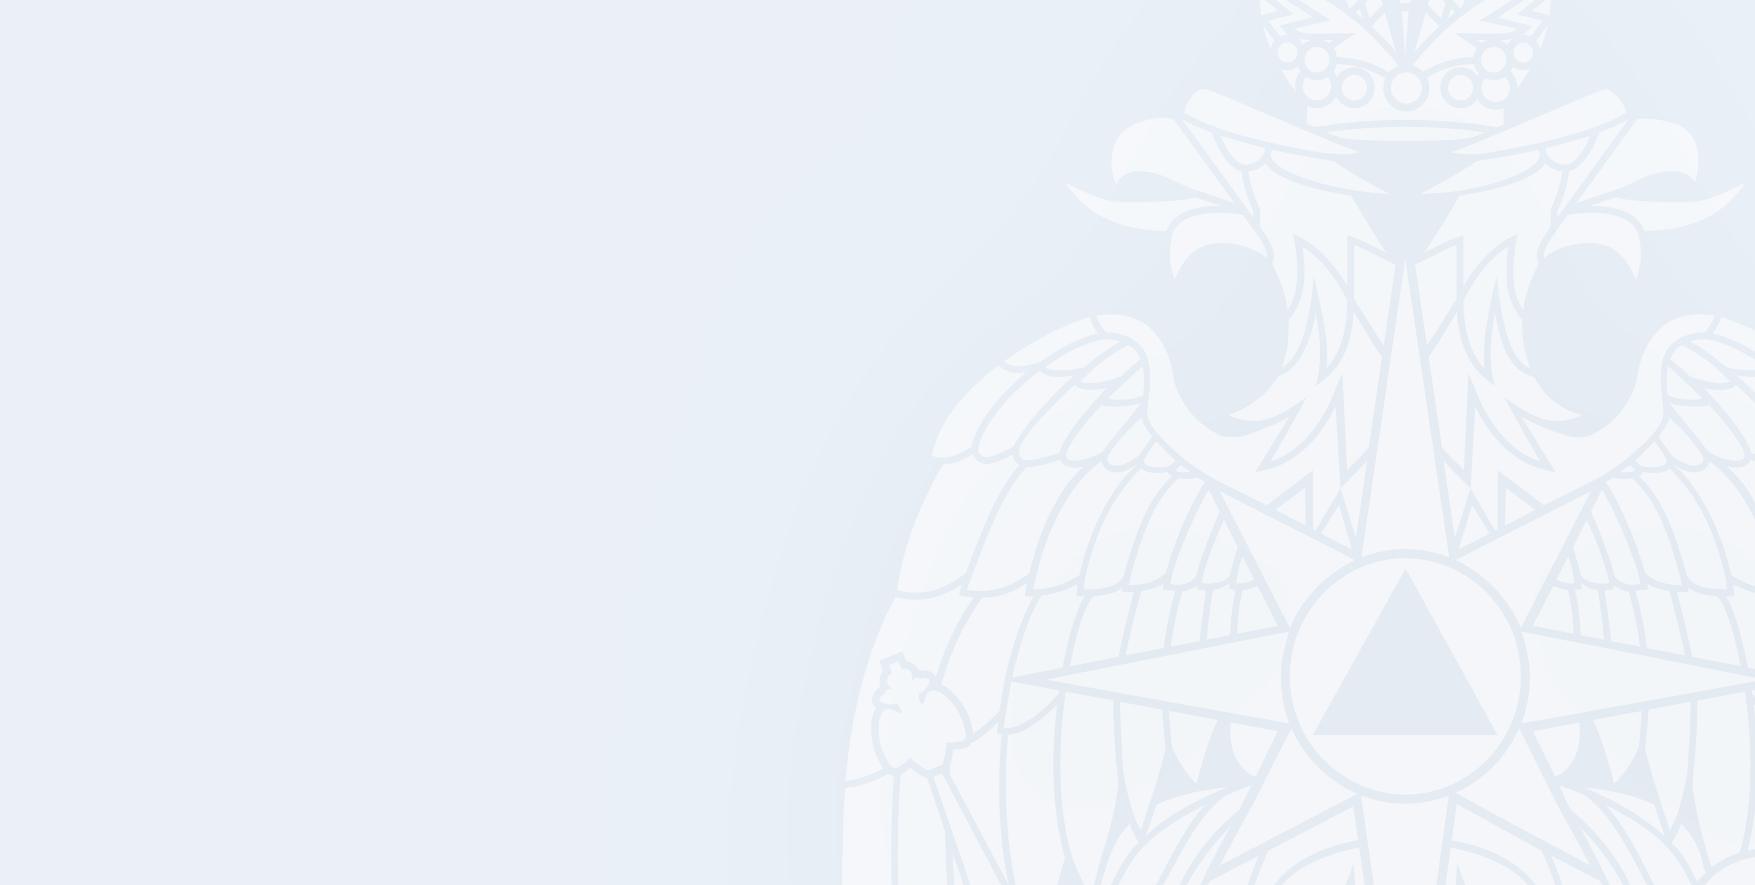 Пожар в Хабарском районе — МЧС России по Алтайскому краю